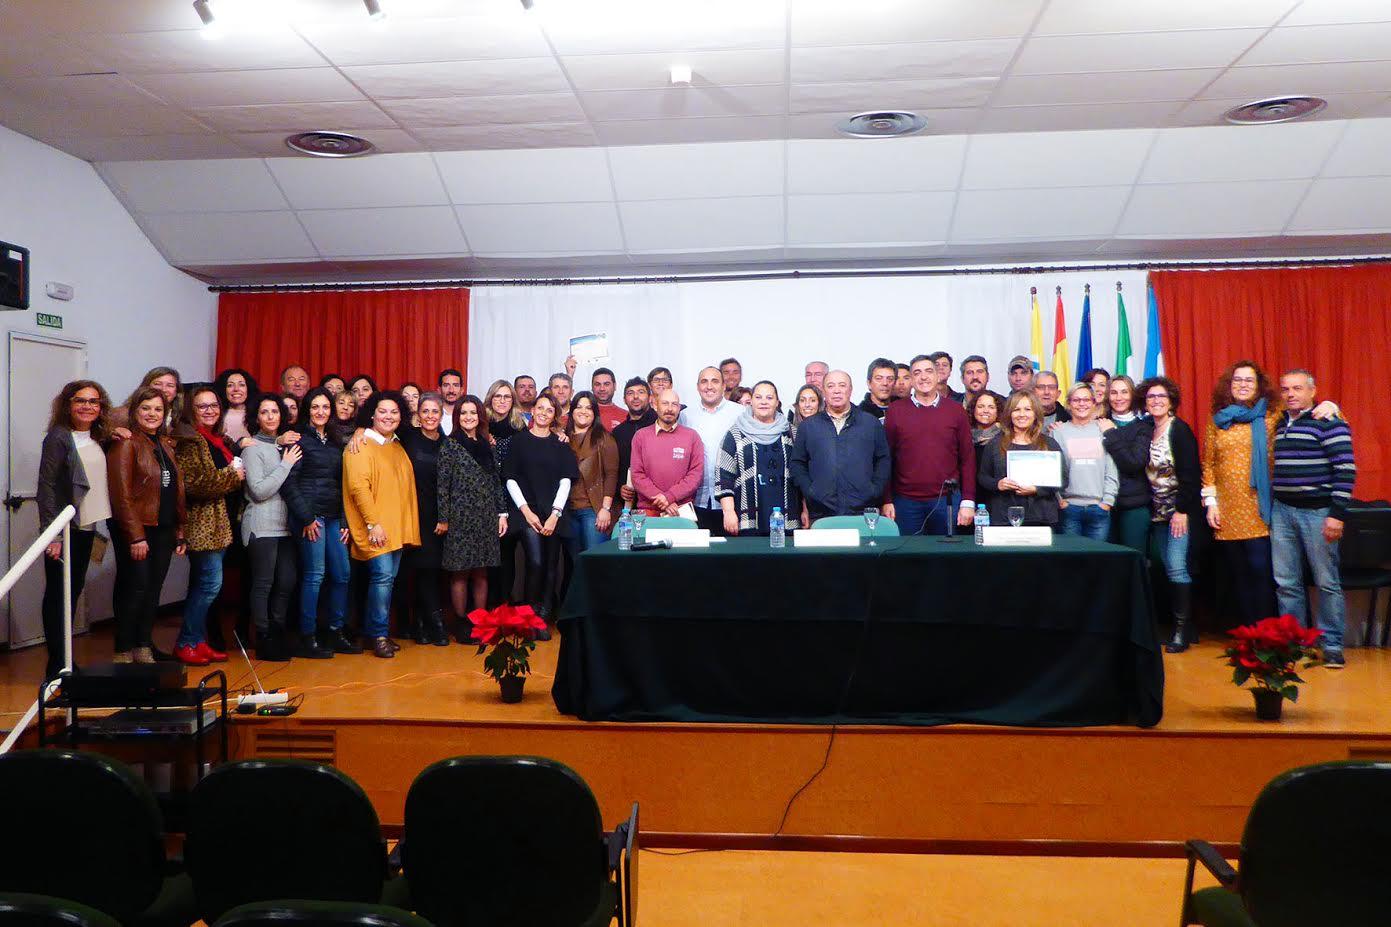 Clausura de tres cursos del XX Plan Agrupado de Formación Continua de la Mancomunidad de Islantilla